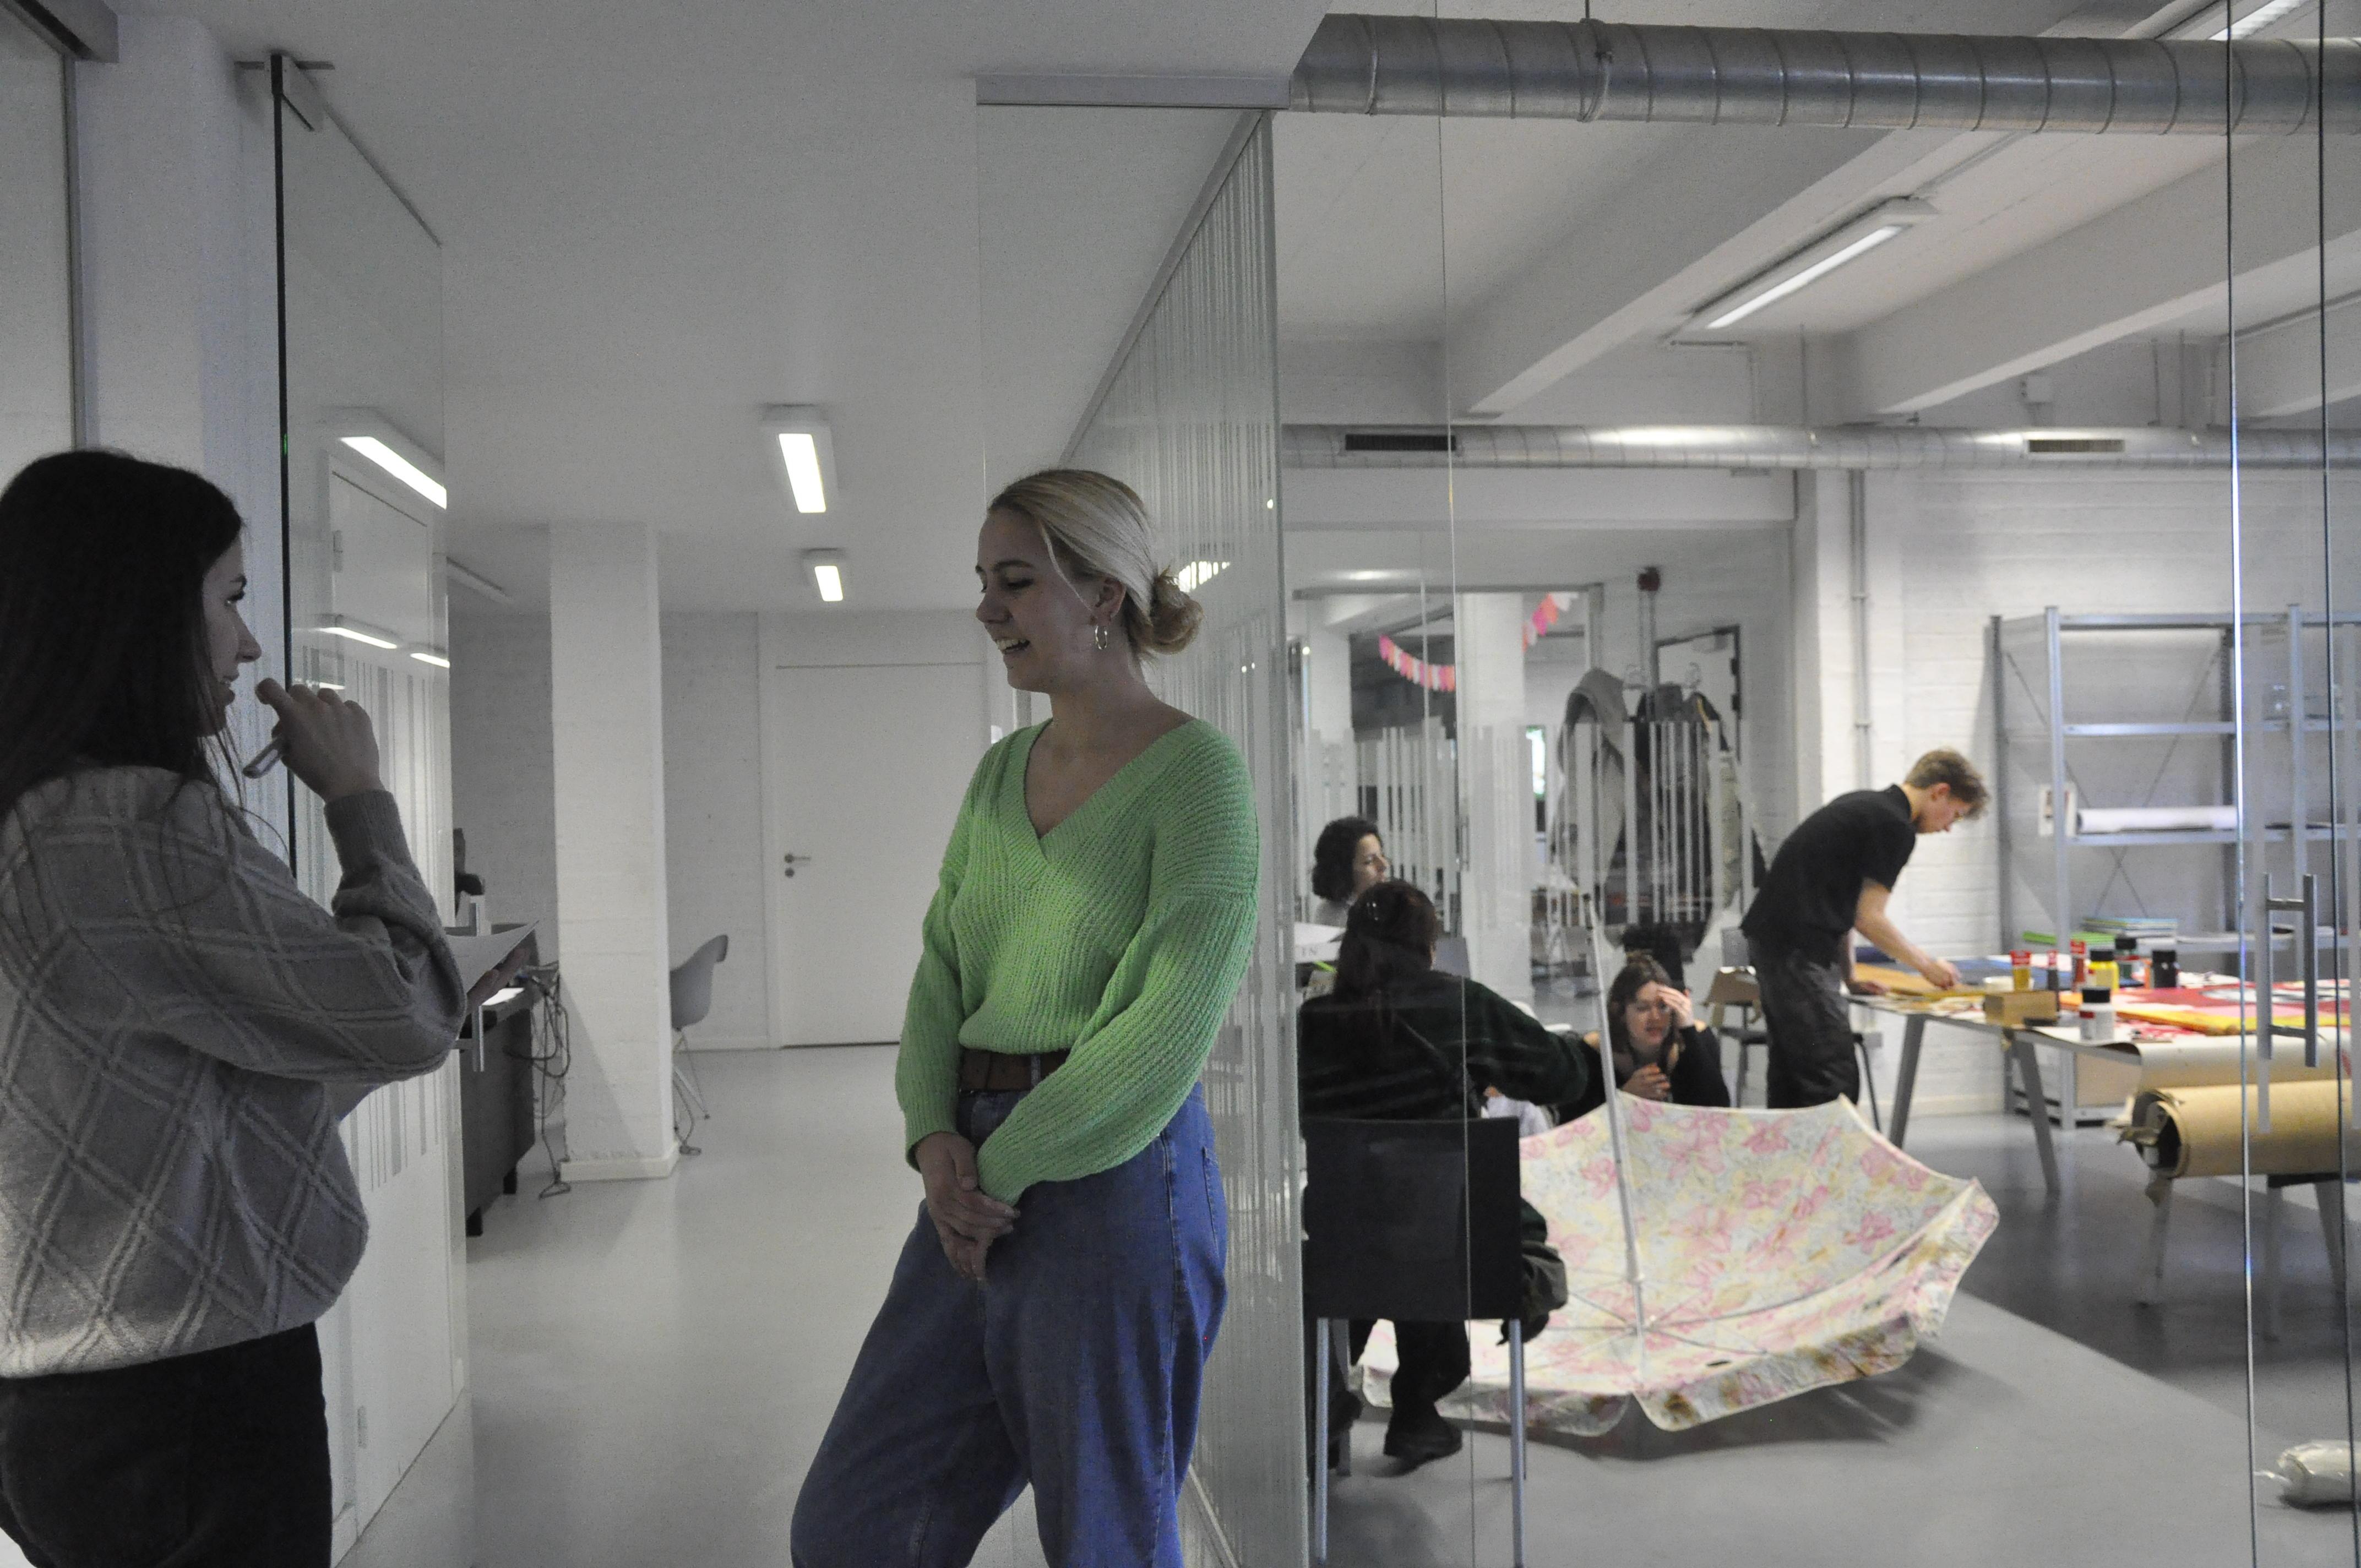 Olivia praat met andere kunstenaars